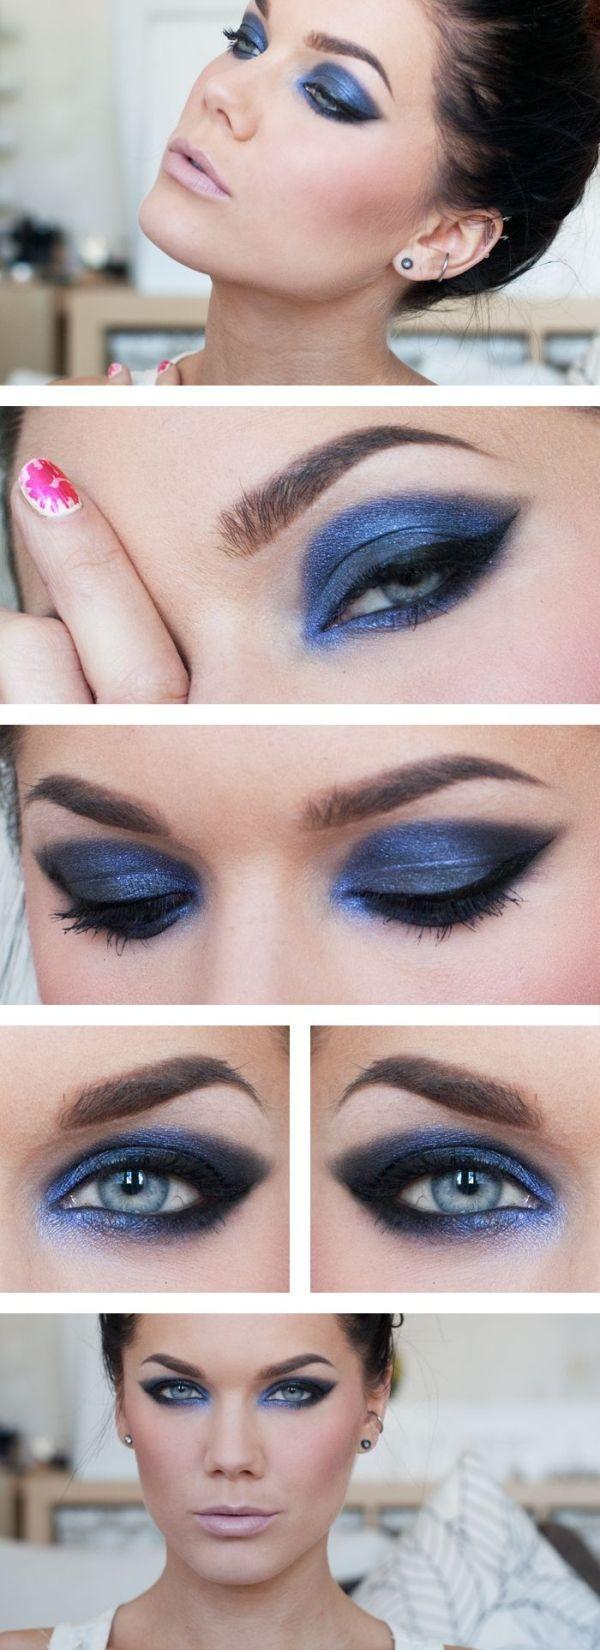 Linda Hallberg - Eye makeup by estelle